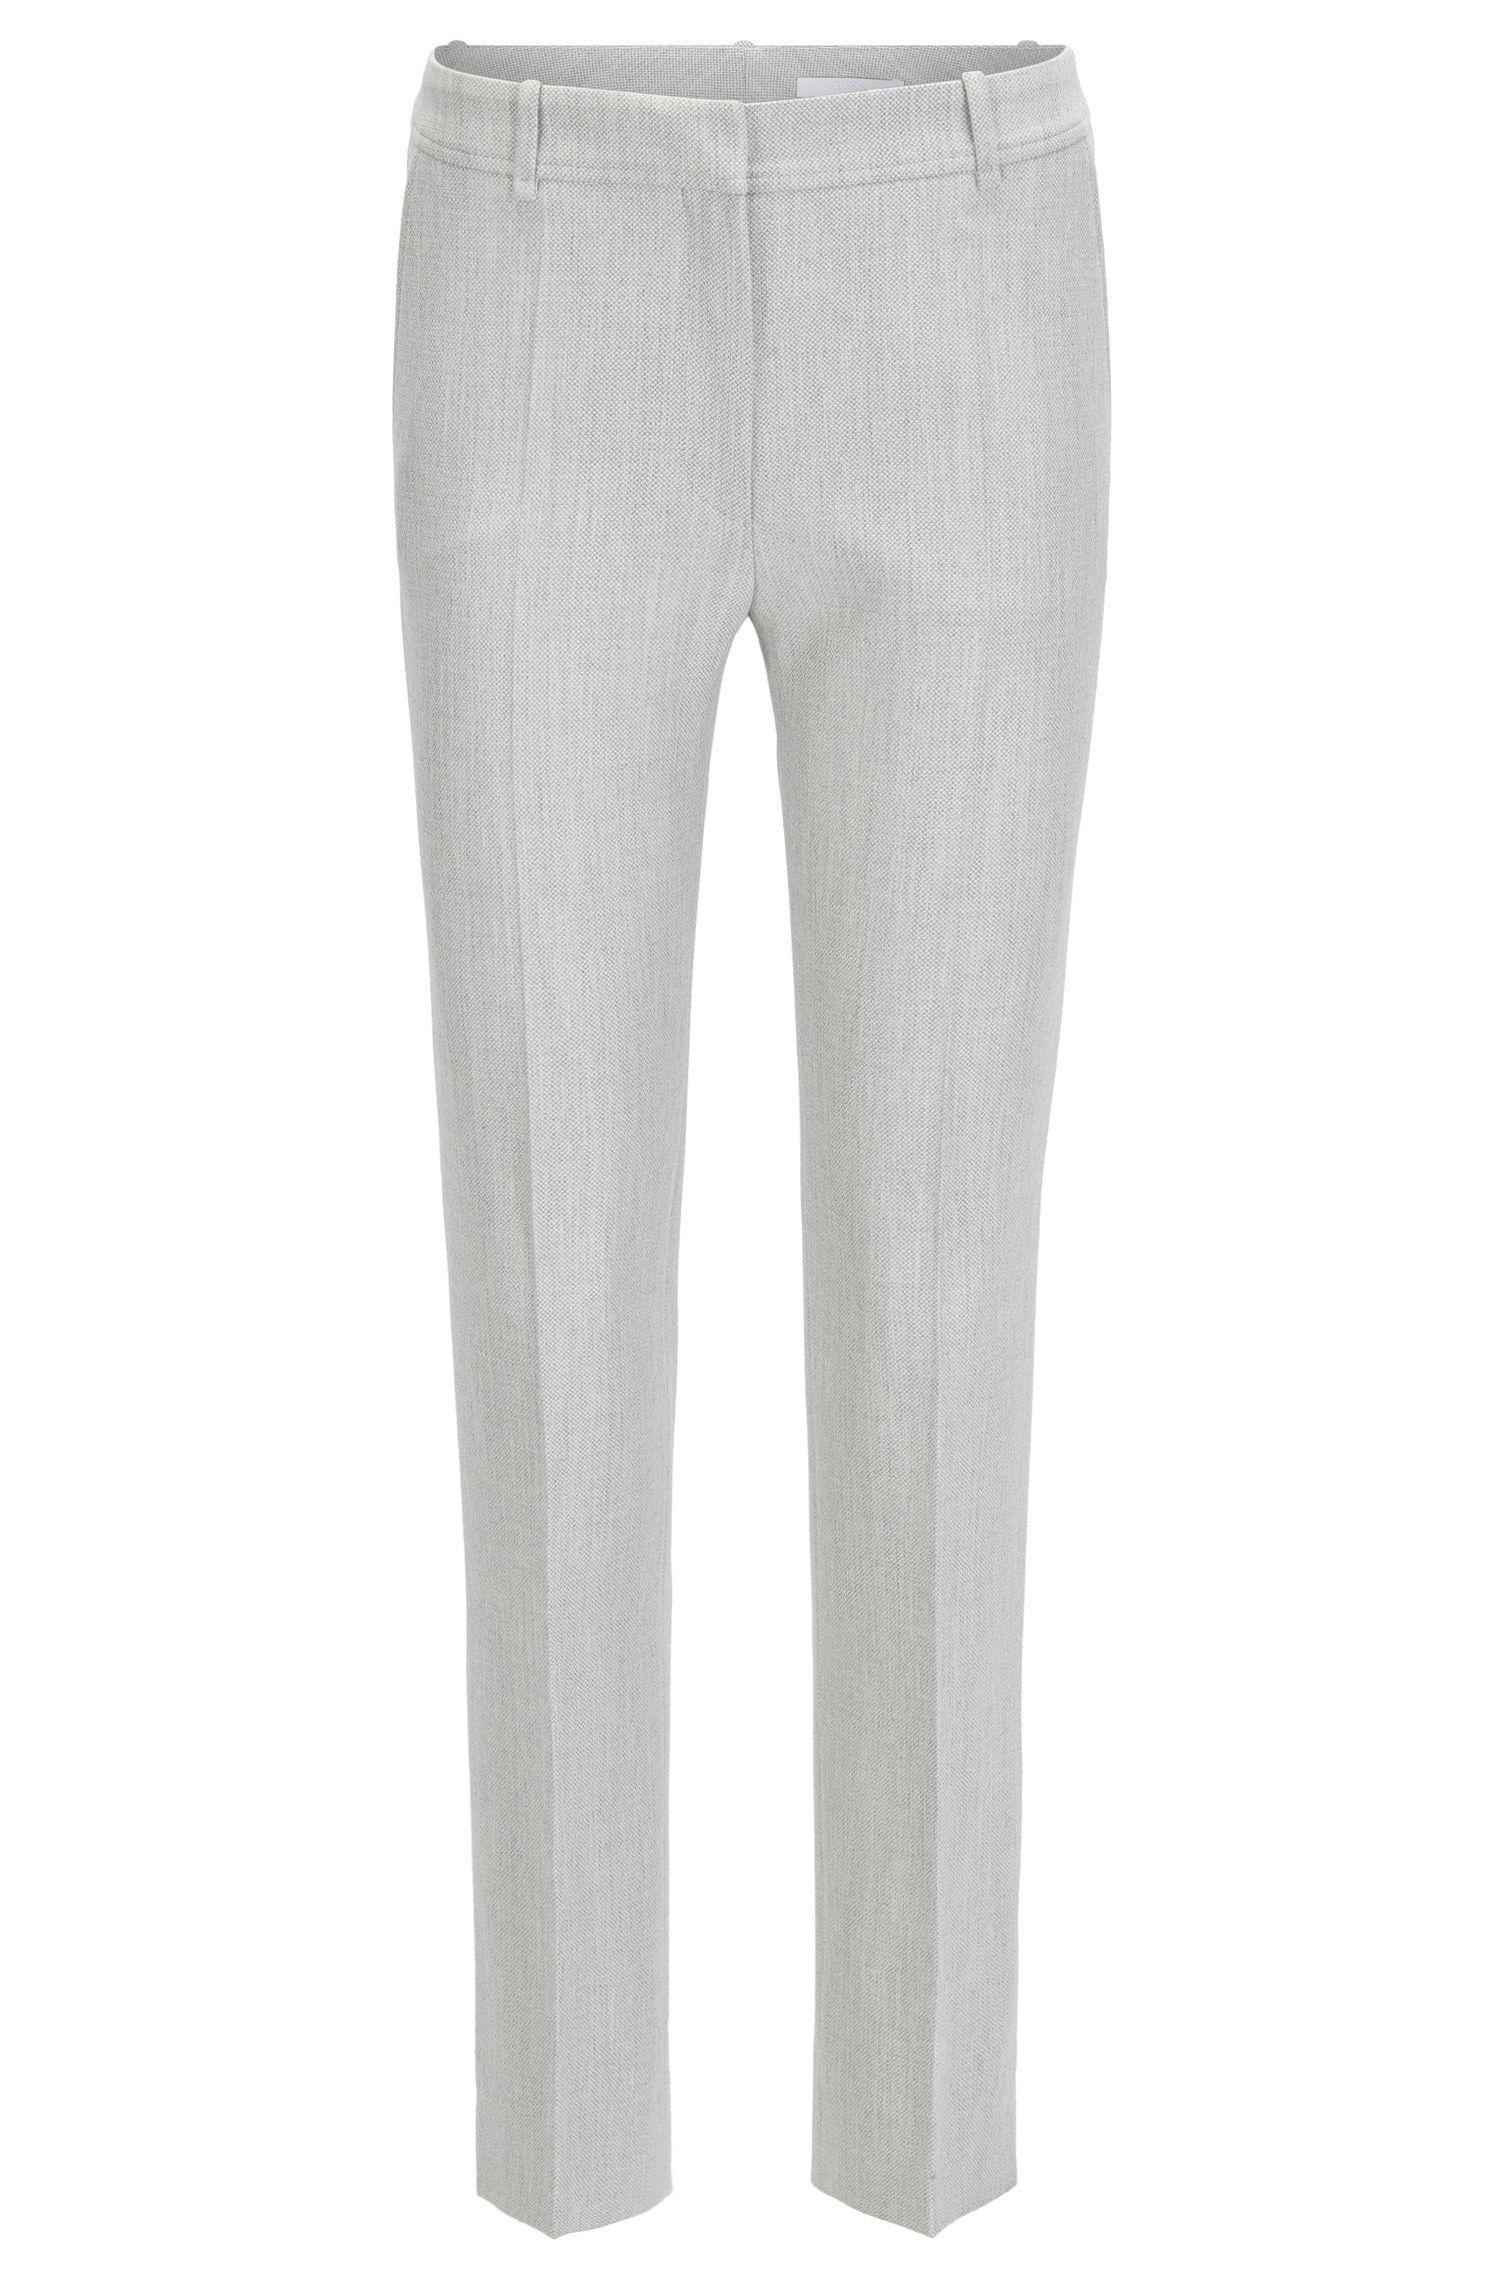 Pantalon Regular Fit en tissu technique mélangé stretch